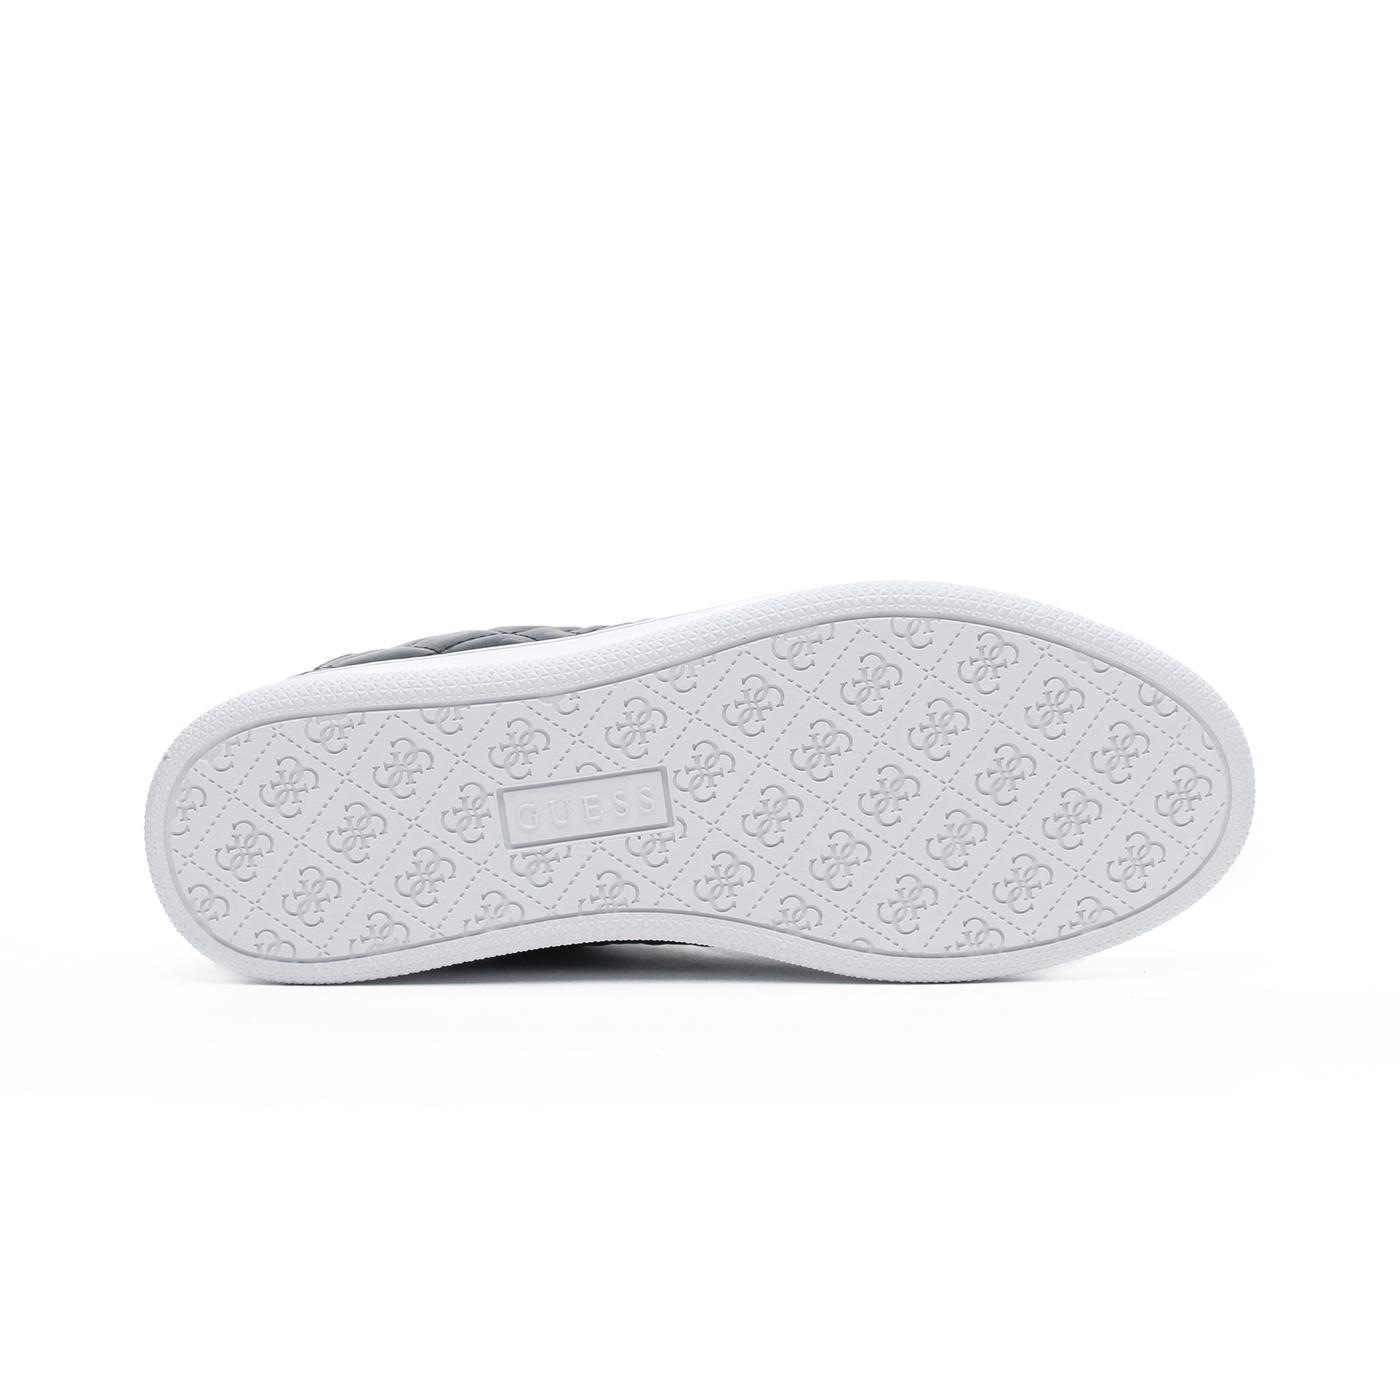 Guess Reace Kadın Siyah Günlük Ayakkabı